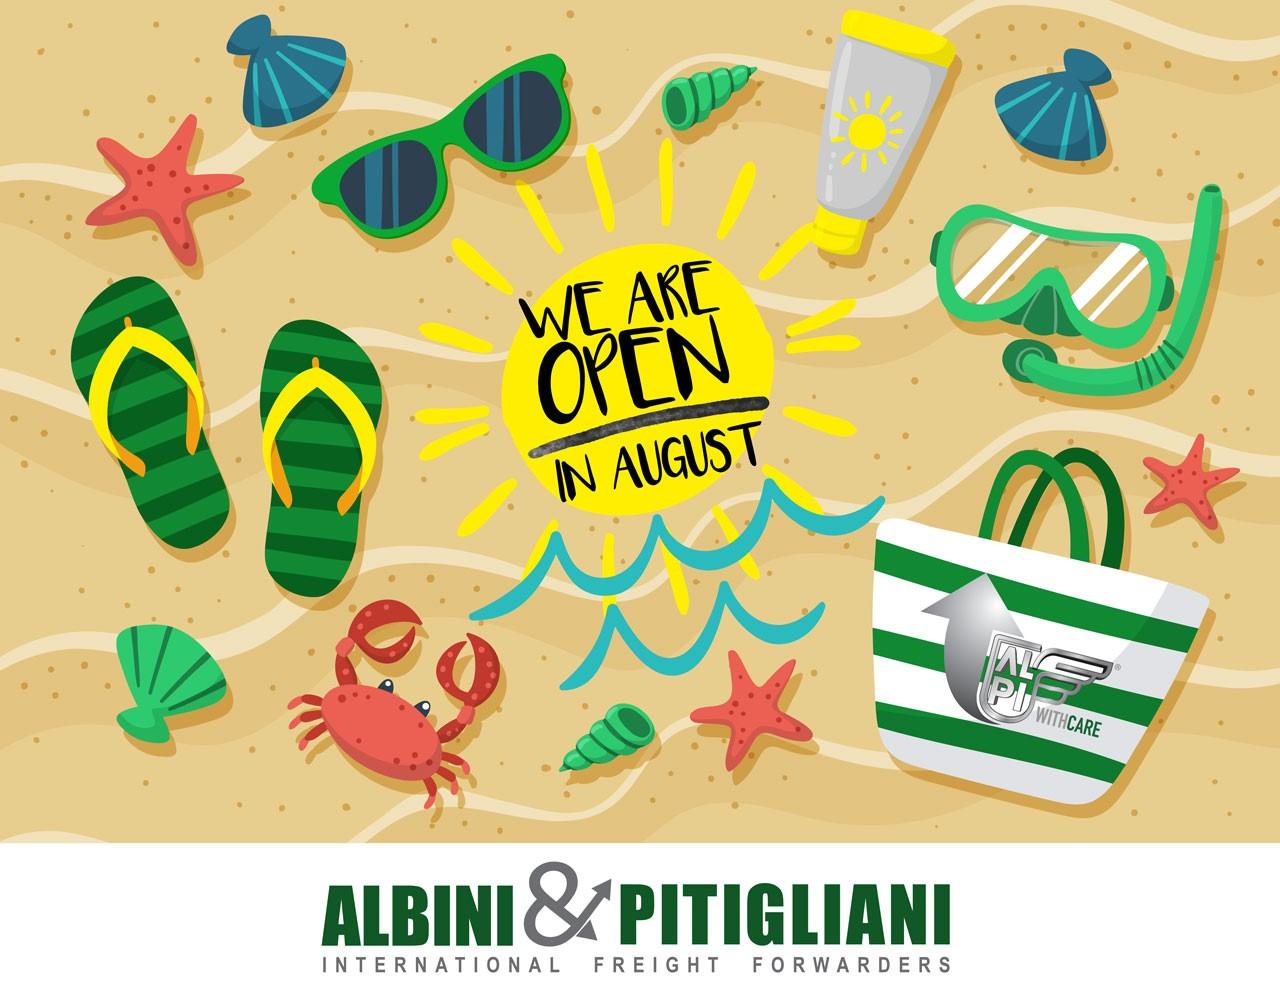 Siamo aperti ad Agosto!